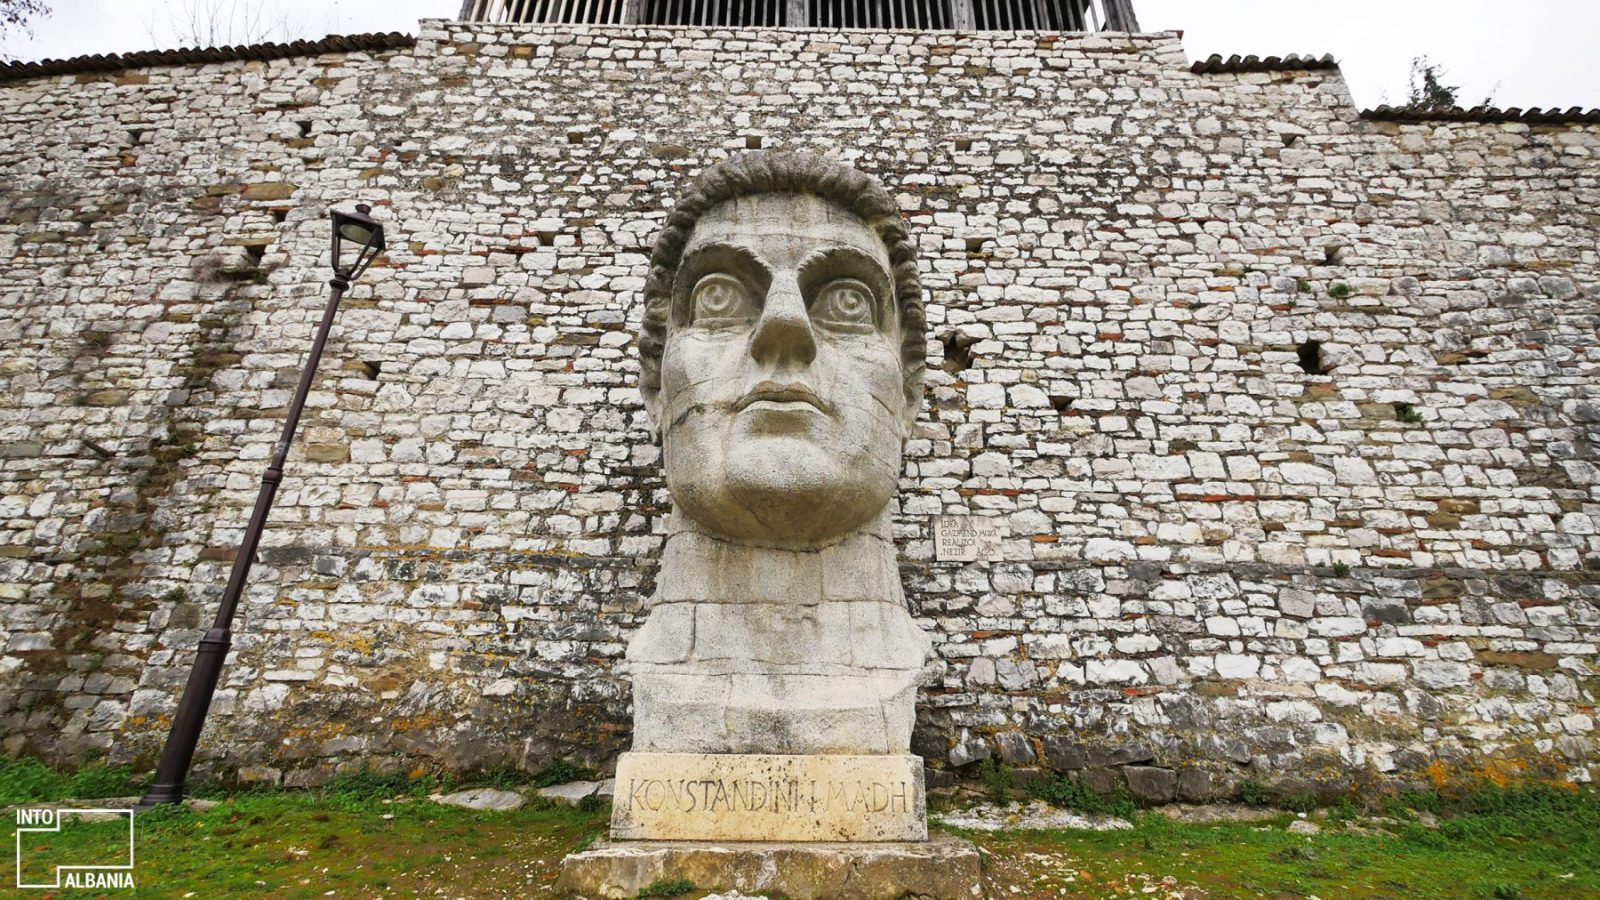 Costantine Statue Berat in tour of Berat